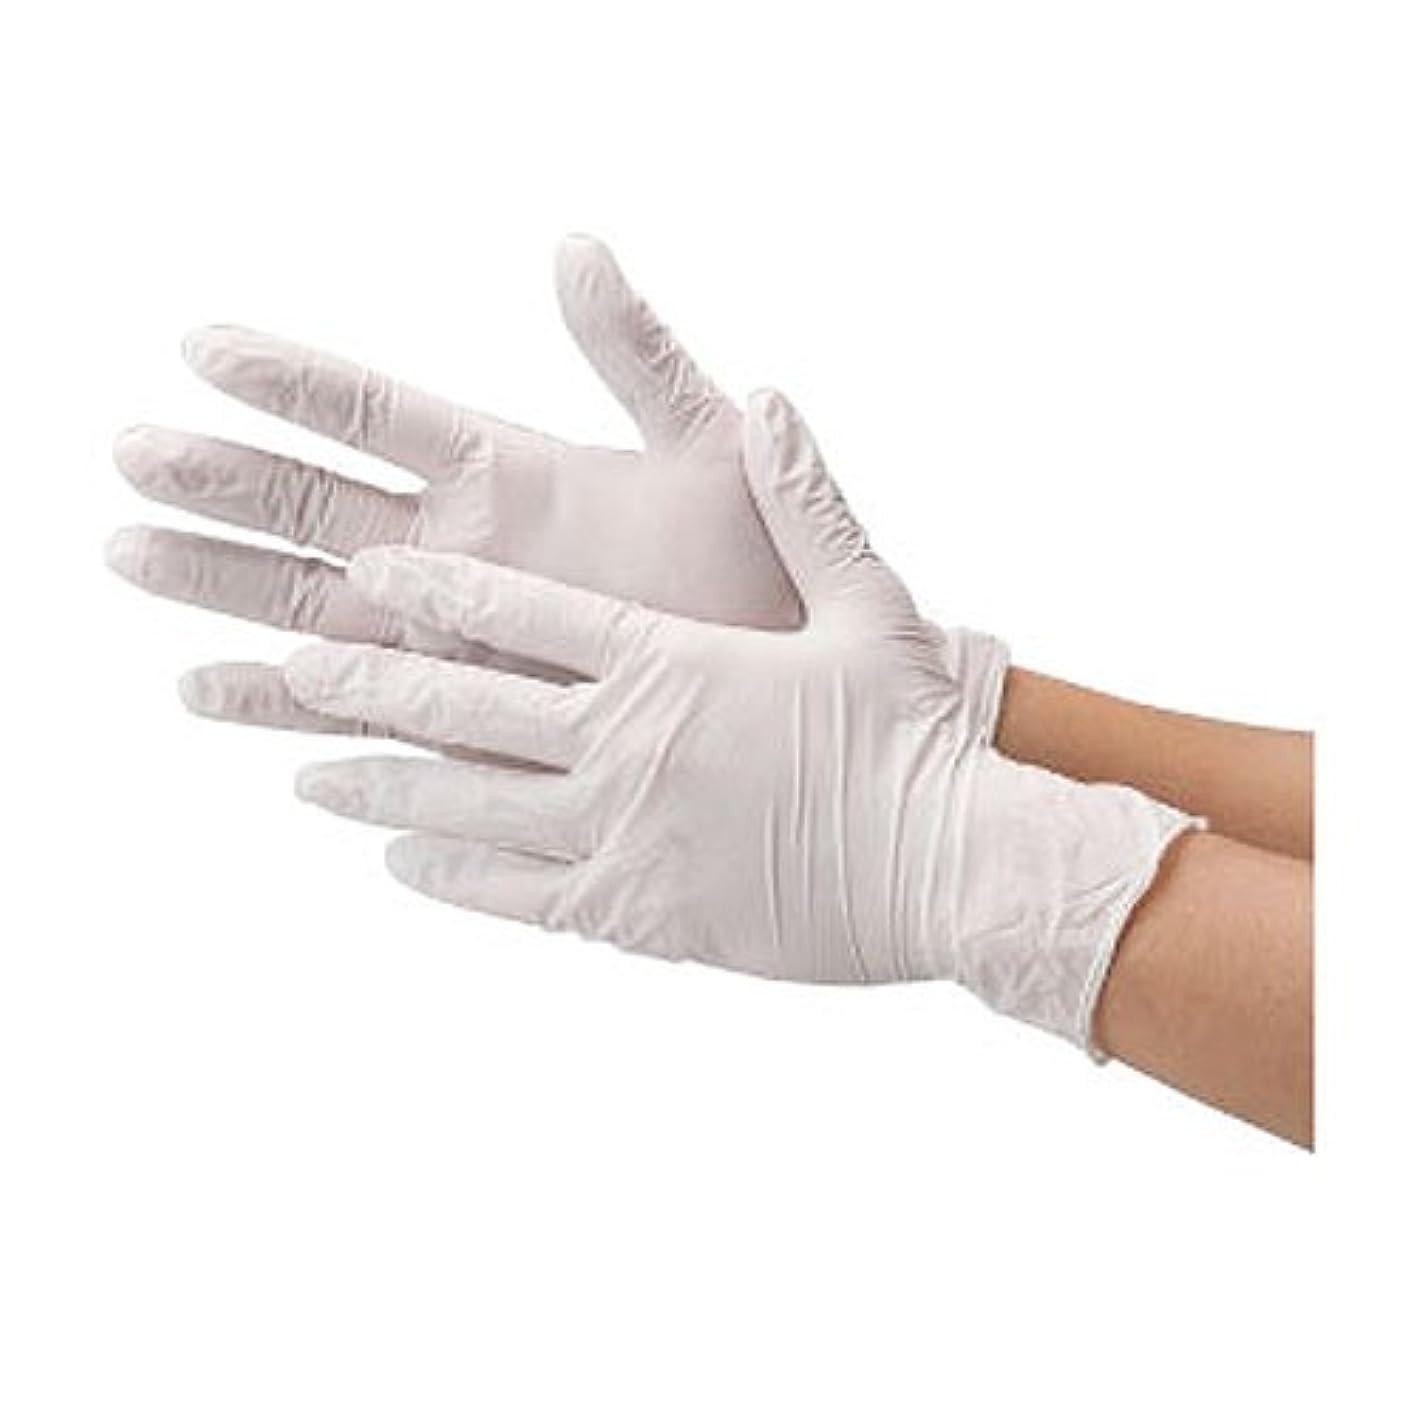 めったに方言減衰川西工業 ニトリル 使いきり手袋 ストロング 粉無 100枚入り 2037 ホワイトSS